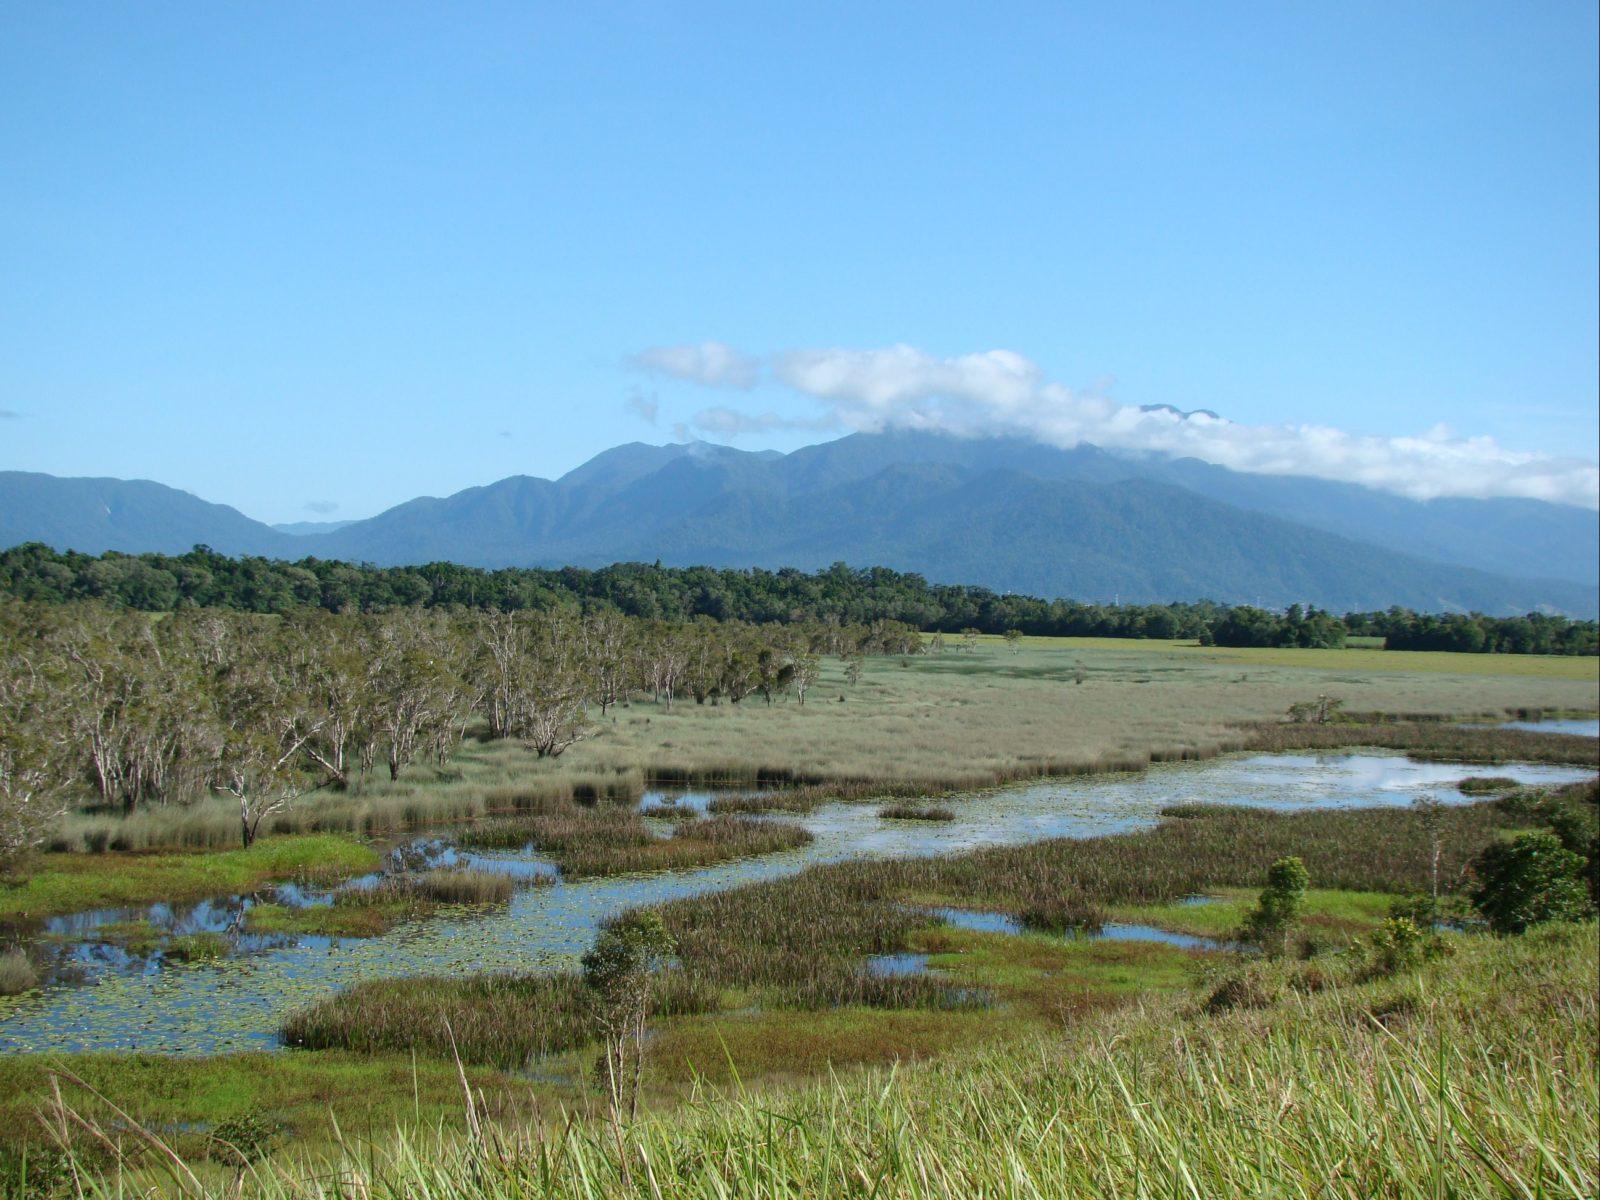 Swamp with mountainous backdrop at Enbenangee Swamp.